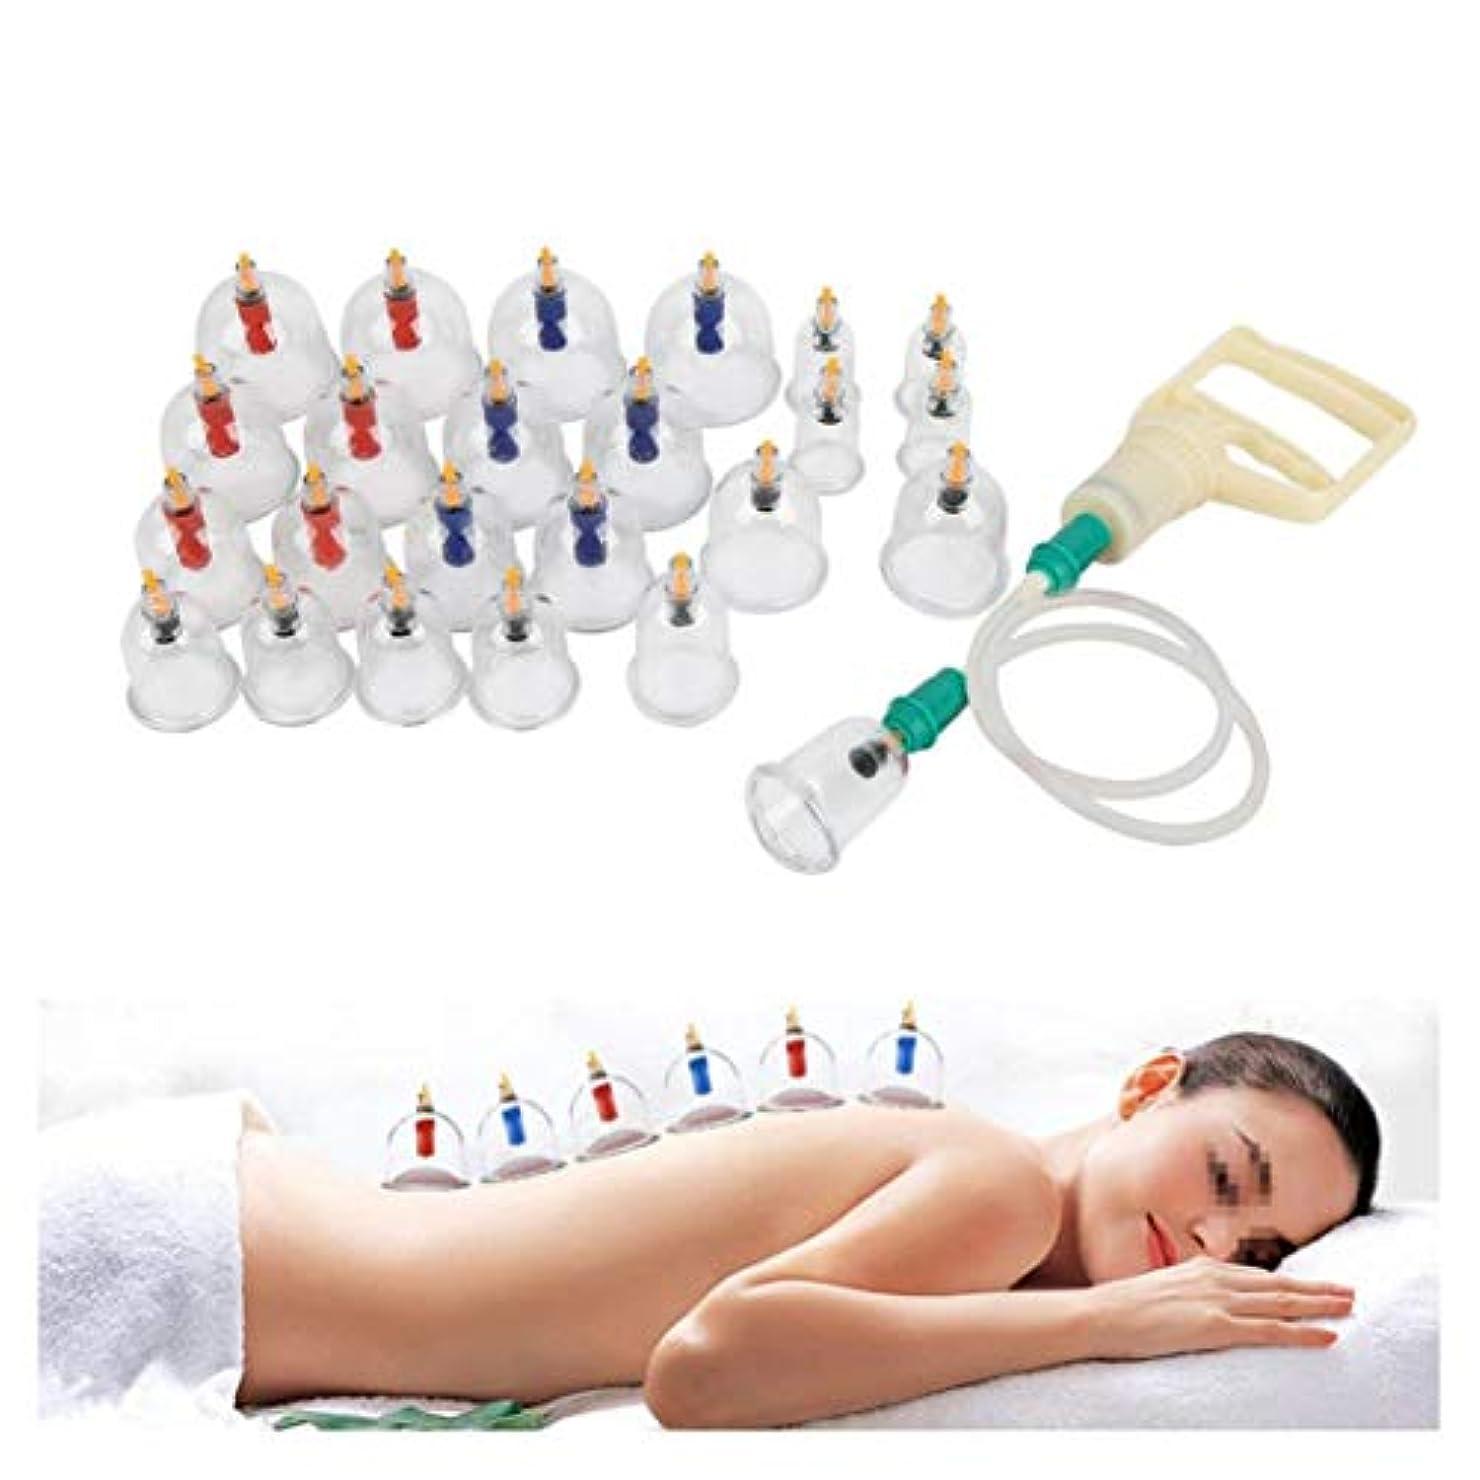 マーカー本質的ではない石油カッピングセラピーセットマッサージバキュームカップキット - 鍼治療のボディ医療サクションセット24ピース用痛み緩和